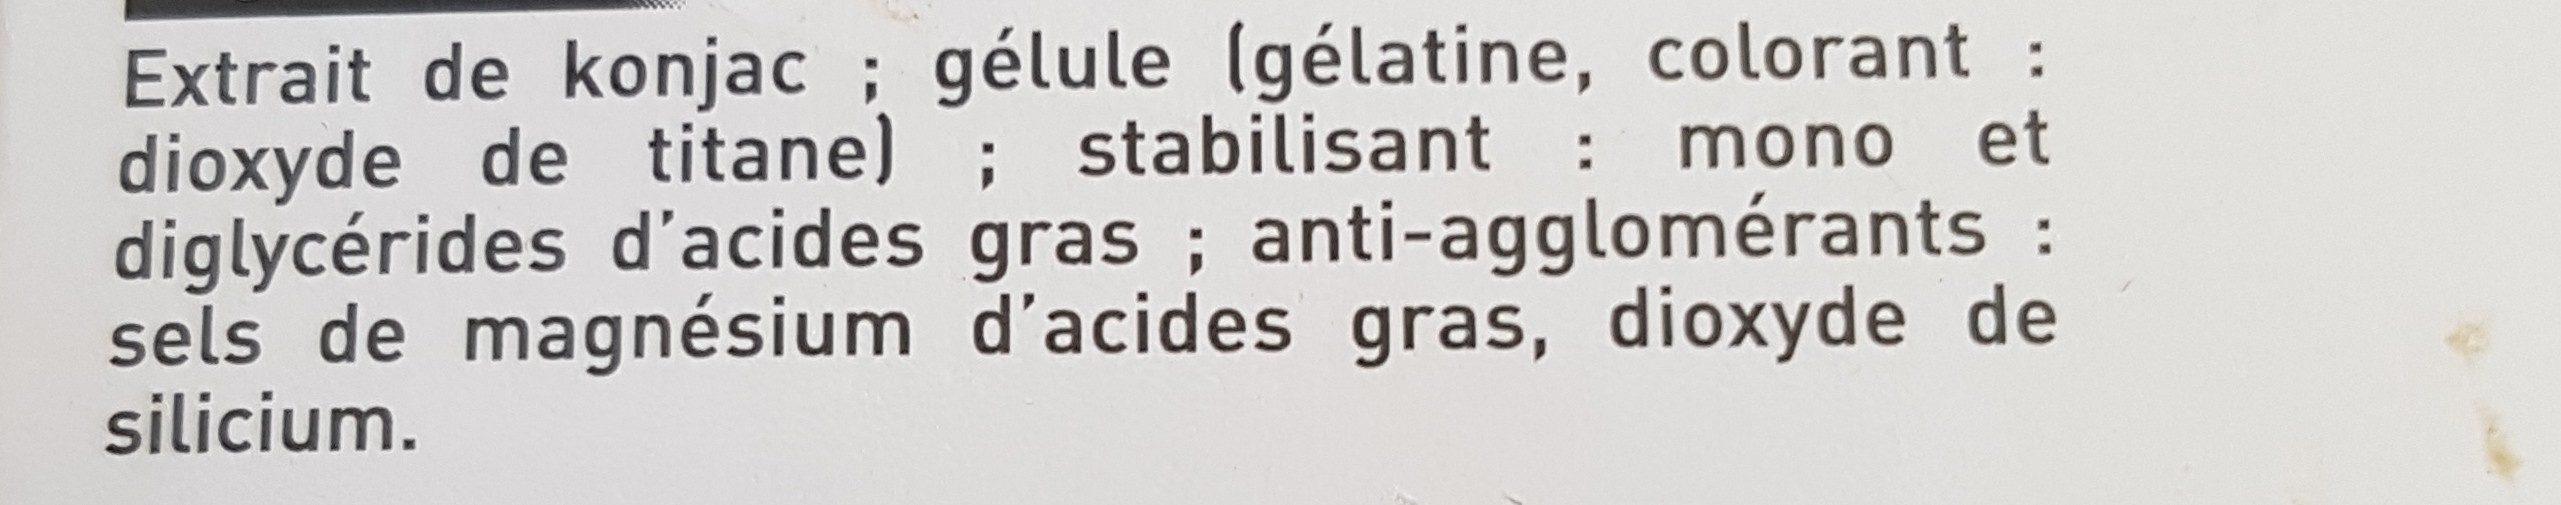 Alinéa Minceur Réduire l'appétit - Ingrédients - fr